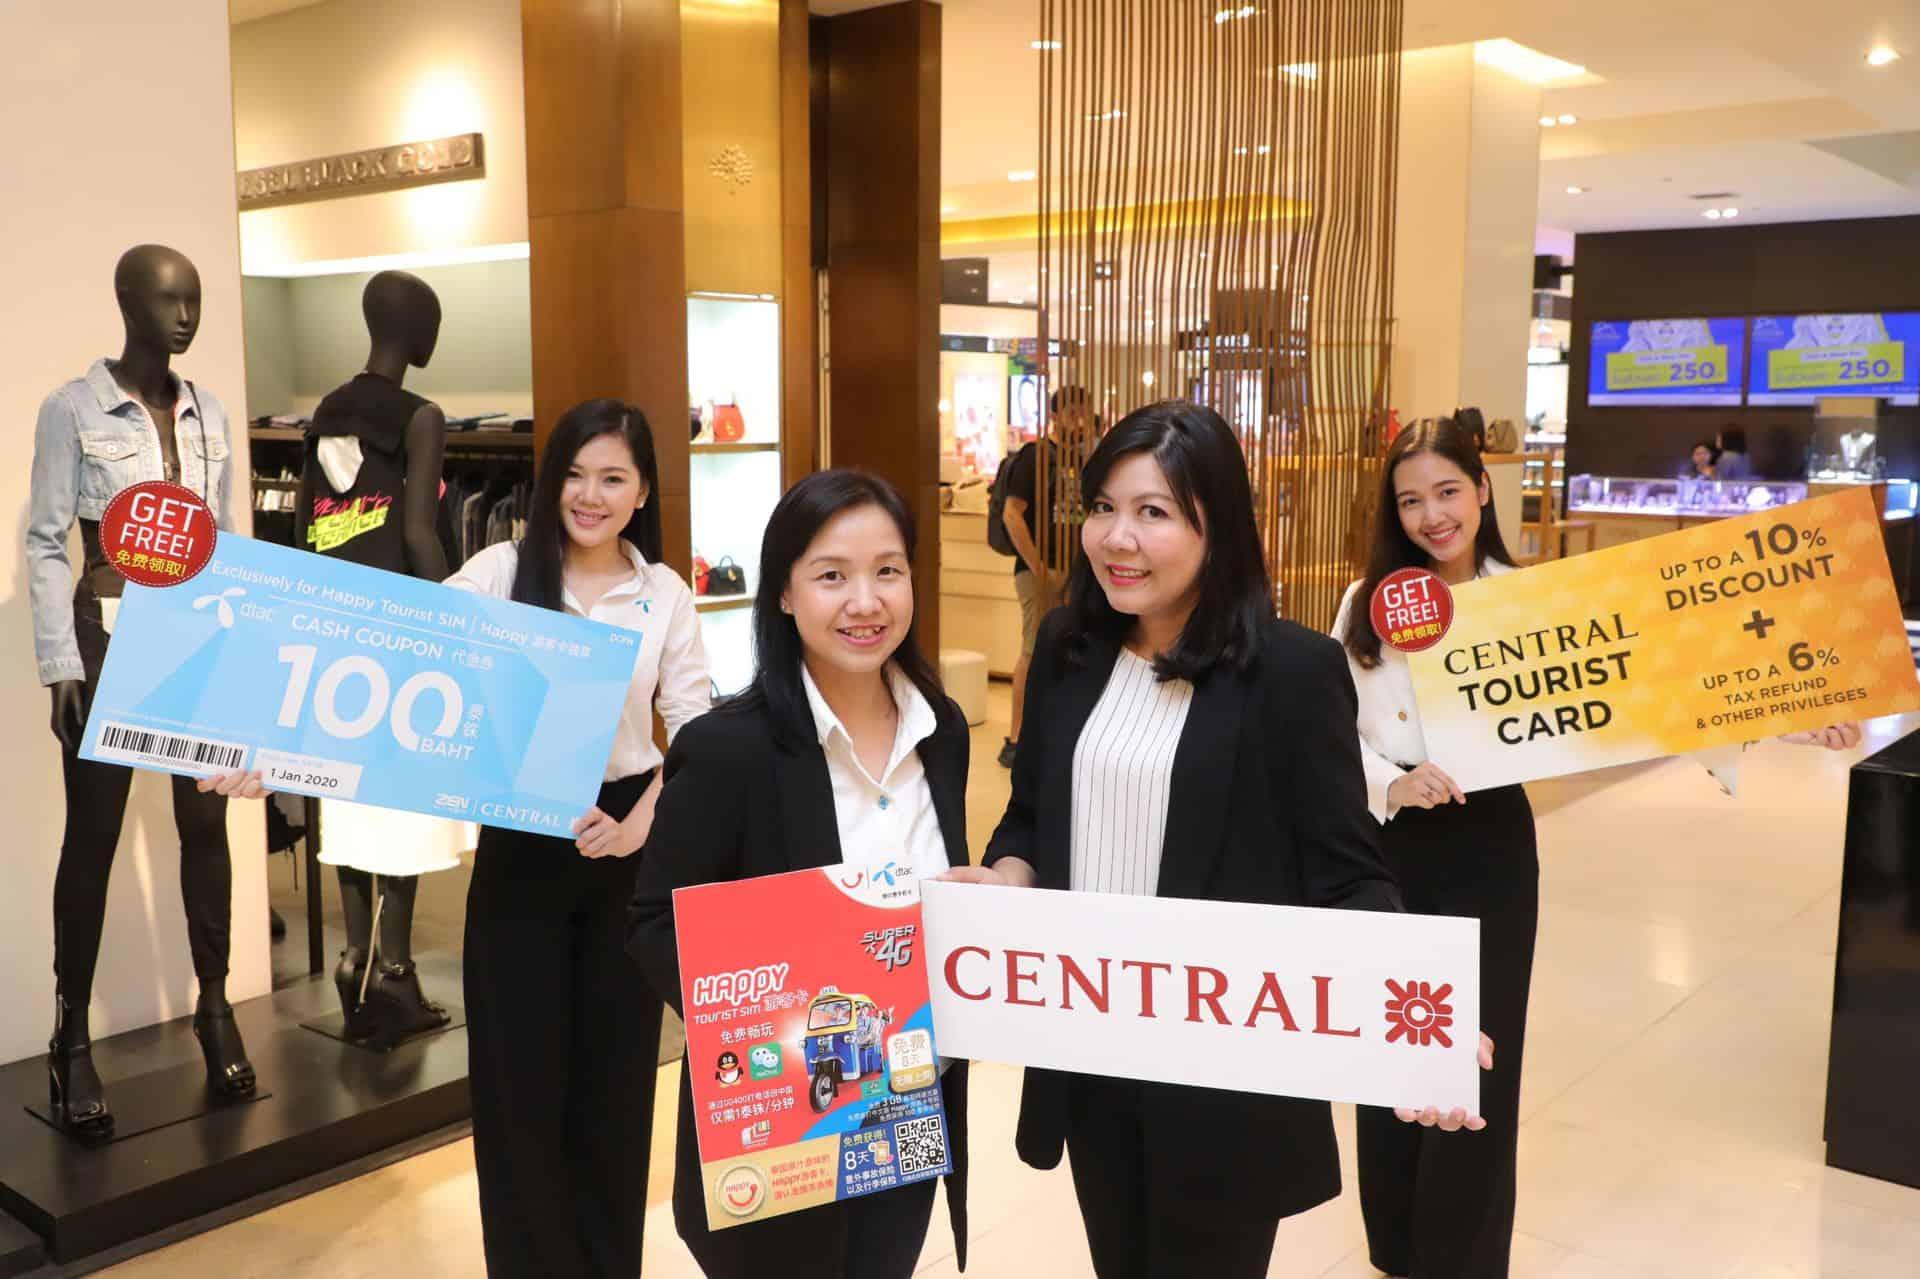 ดีแทคจับมือเซ็นทรัล เอาใจนักท่องเที่ยวสายช้อป มอบข้อเสนอพิเศษสุดสำหรับผู้ใช้ซิมแฮปปี้ทัวริสต์ มอบส่วนลด 10% และคูปองเงินสด 100 บาท ให้ช้อปปิ้งสุดคุ้มตลอดการท่องเที่ยวในไทยได้ทั้งปี